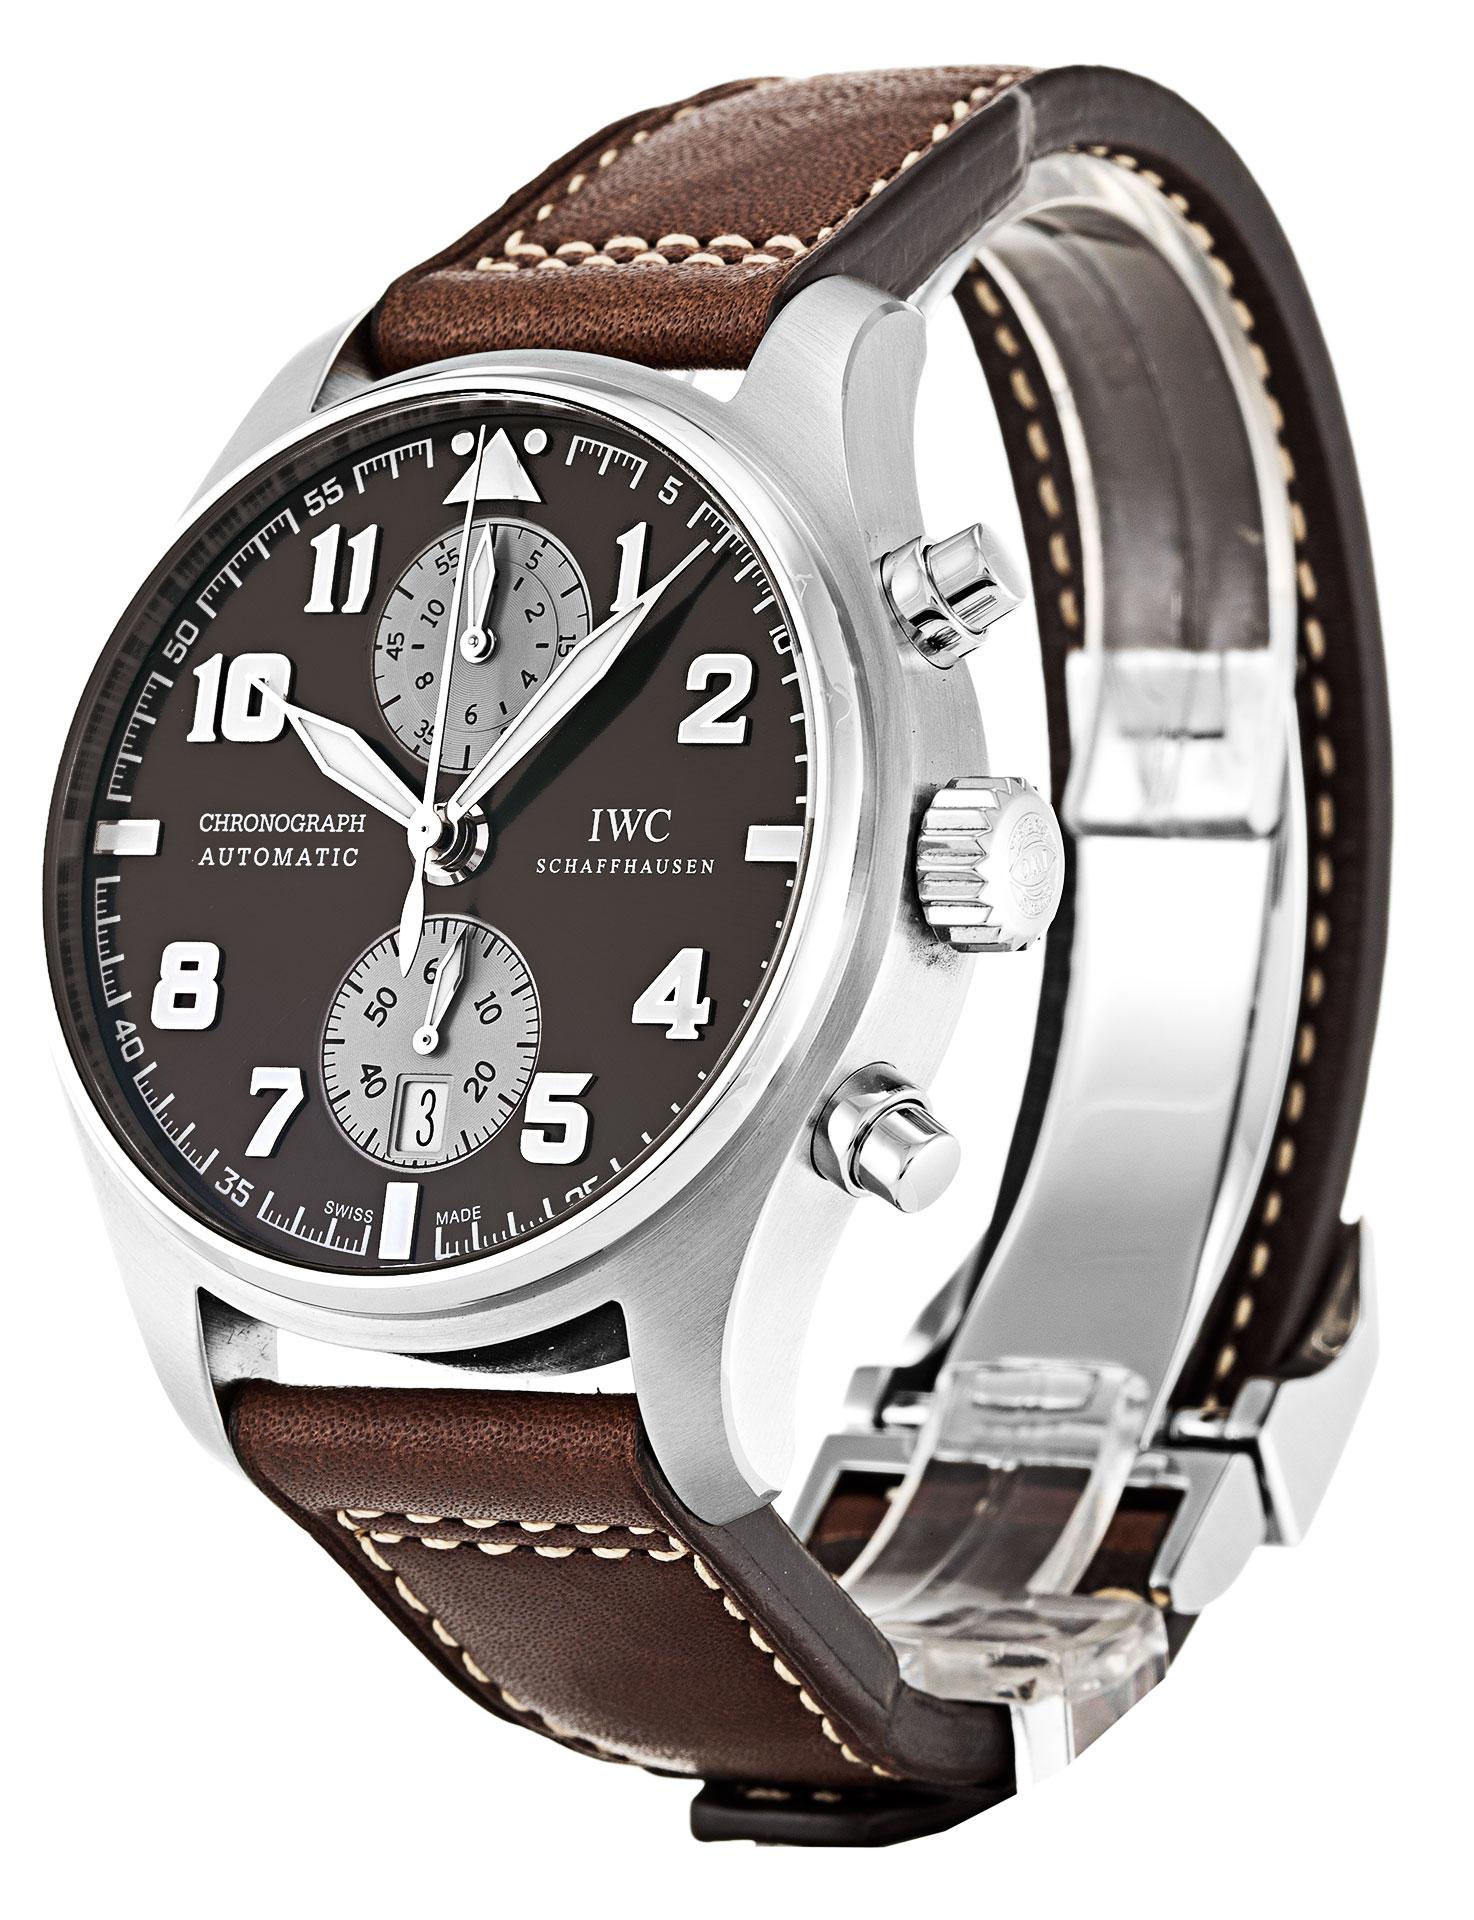 85978895191 Je založen na populárních hodinkách Chronograph IWC Pilots. Rozměry skříní  jsou stejné